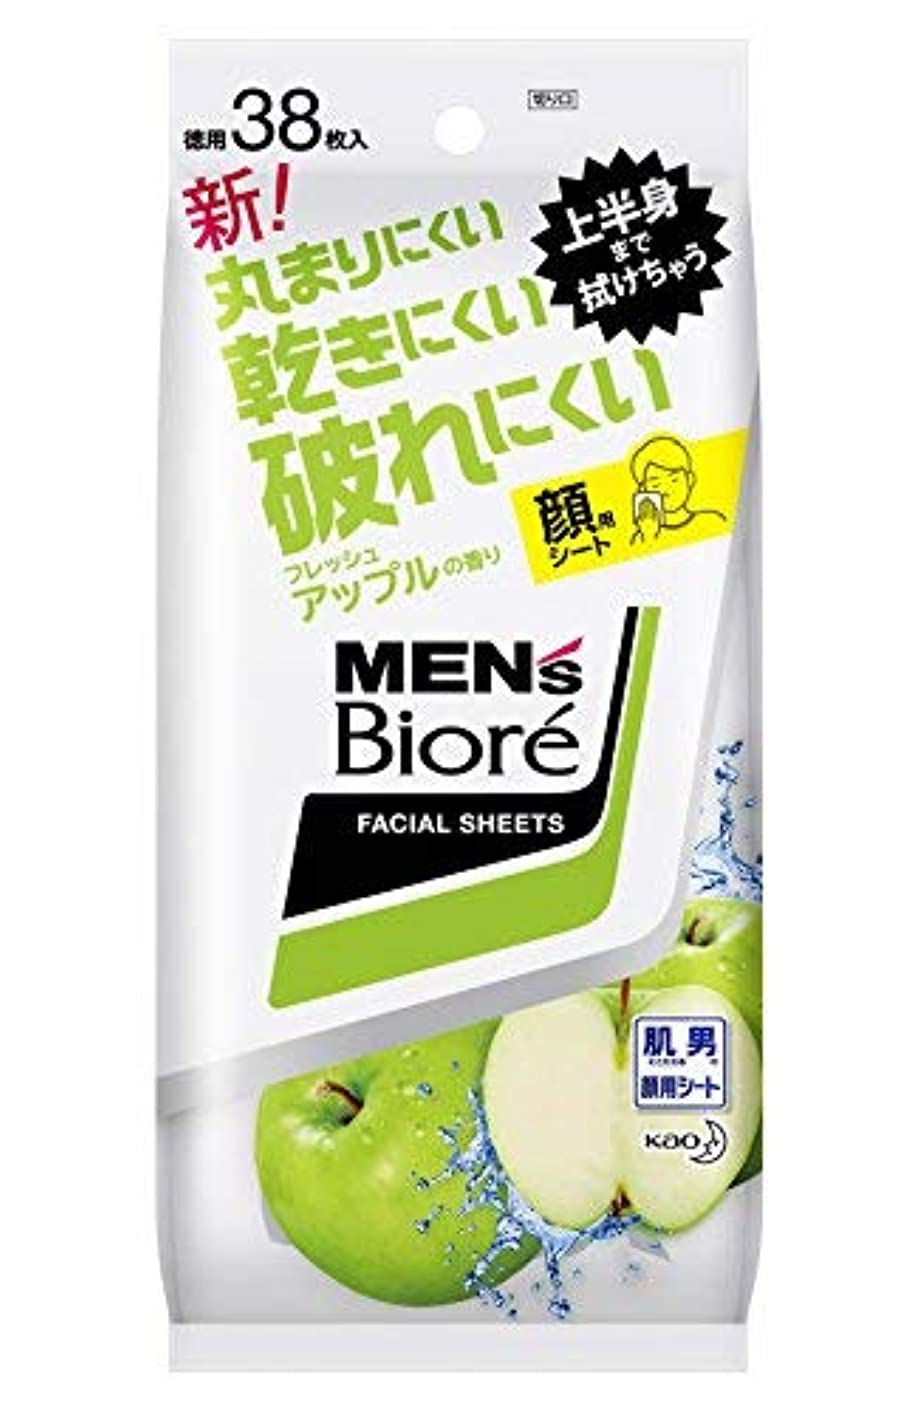 ストライド航海あらゆる種類の花王 メンズビオレ 洗顔シート フレッシュアップルの香り 卓上用 38枚入 × 8個セット